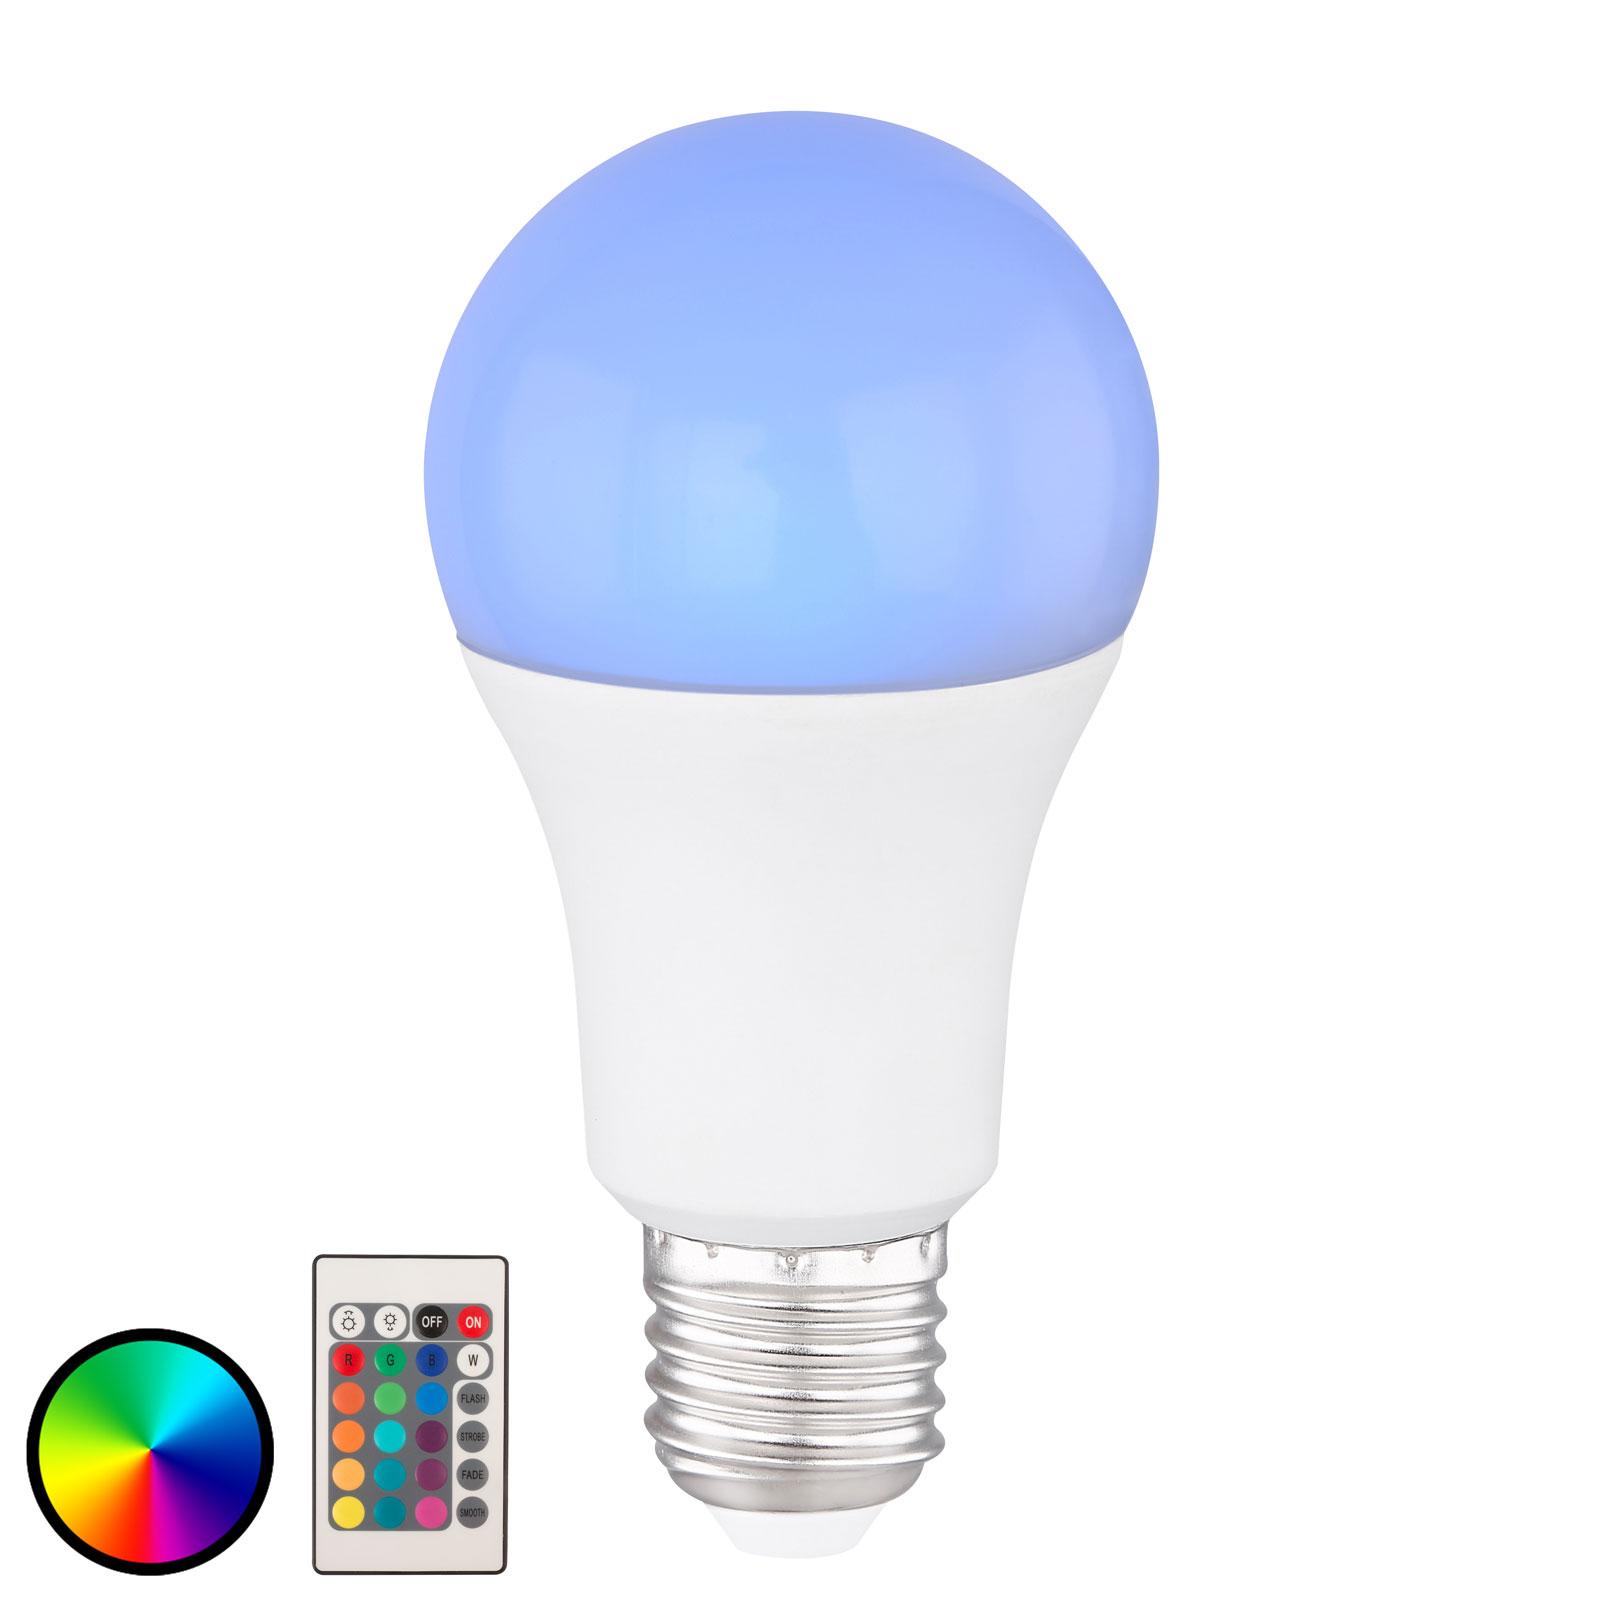 LED-pære E27 10 W Tuya-Smart, RGB, dimbar